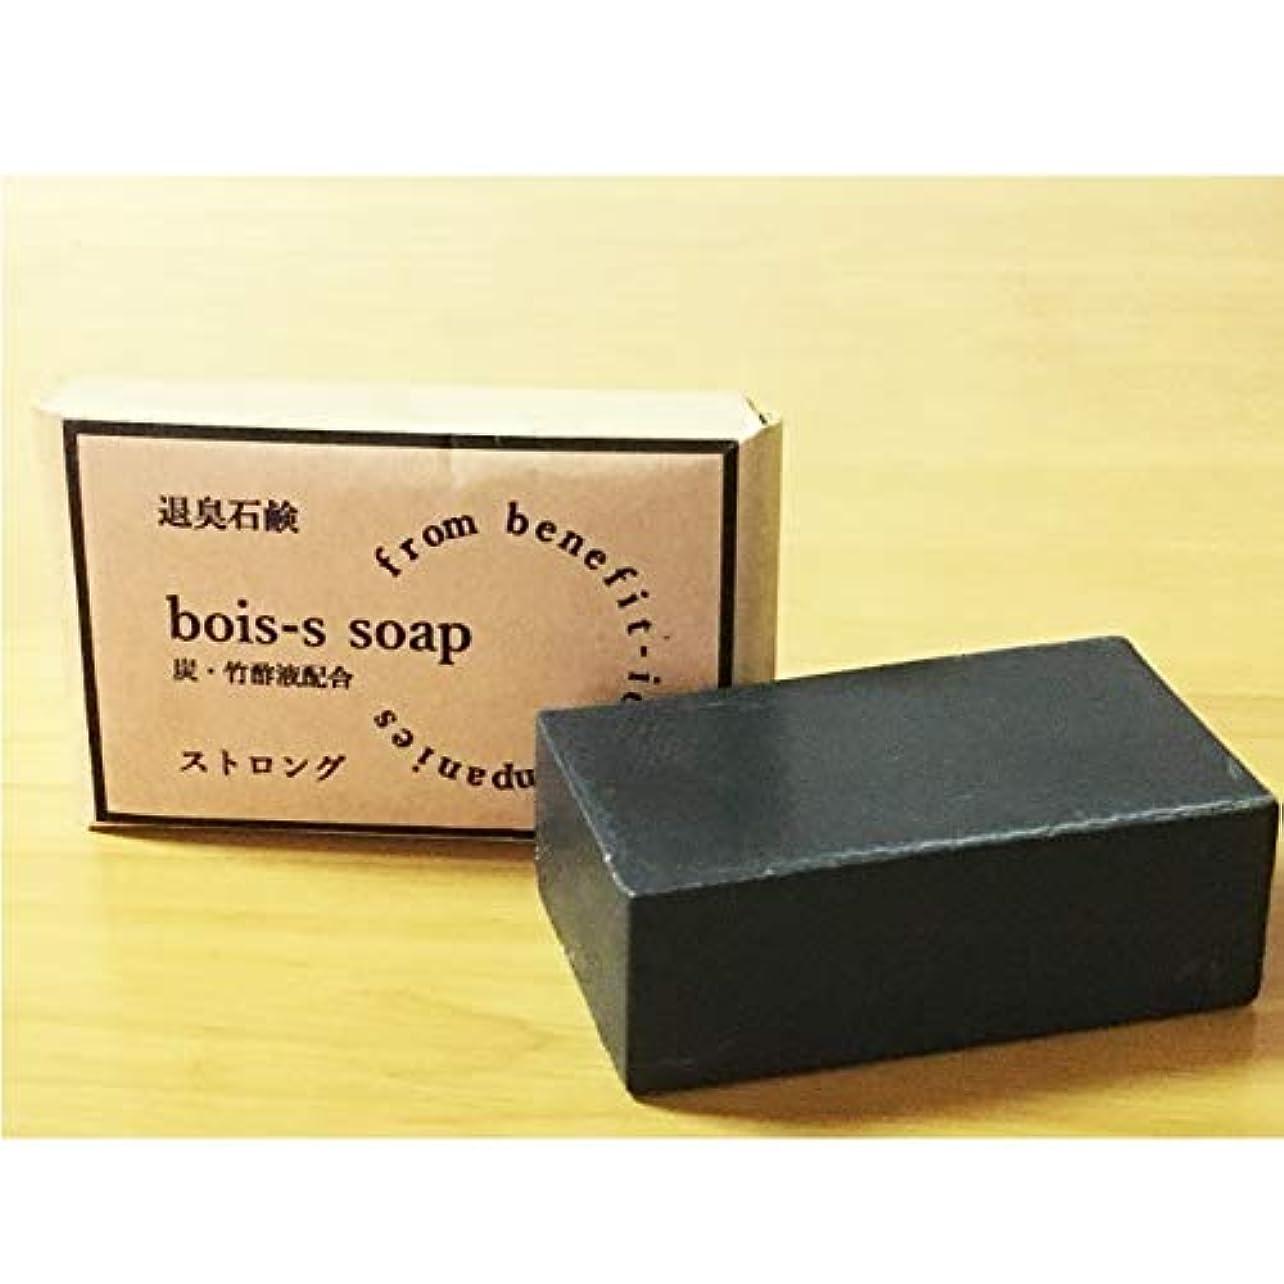 鎮静剤指標ささやきbois-s 退臭石鹸ボイスソープ ストロング